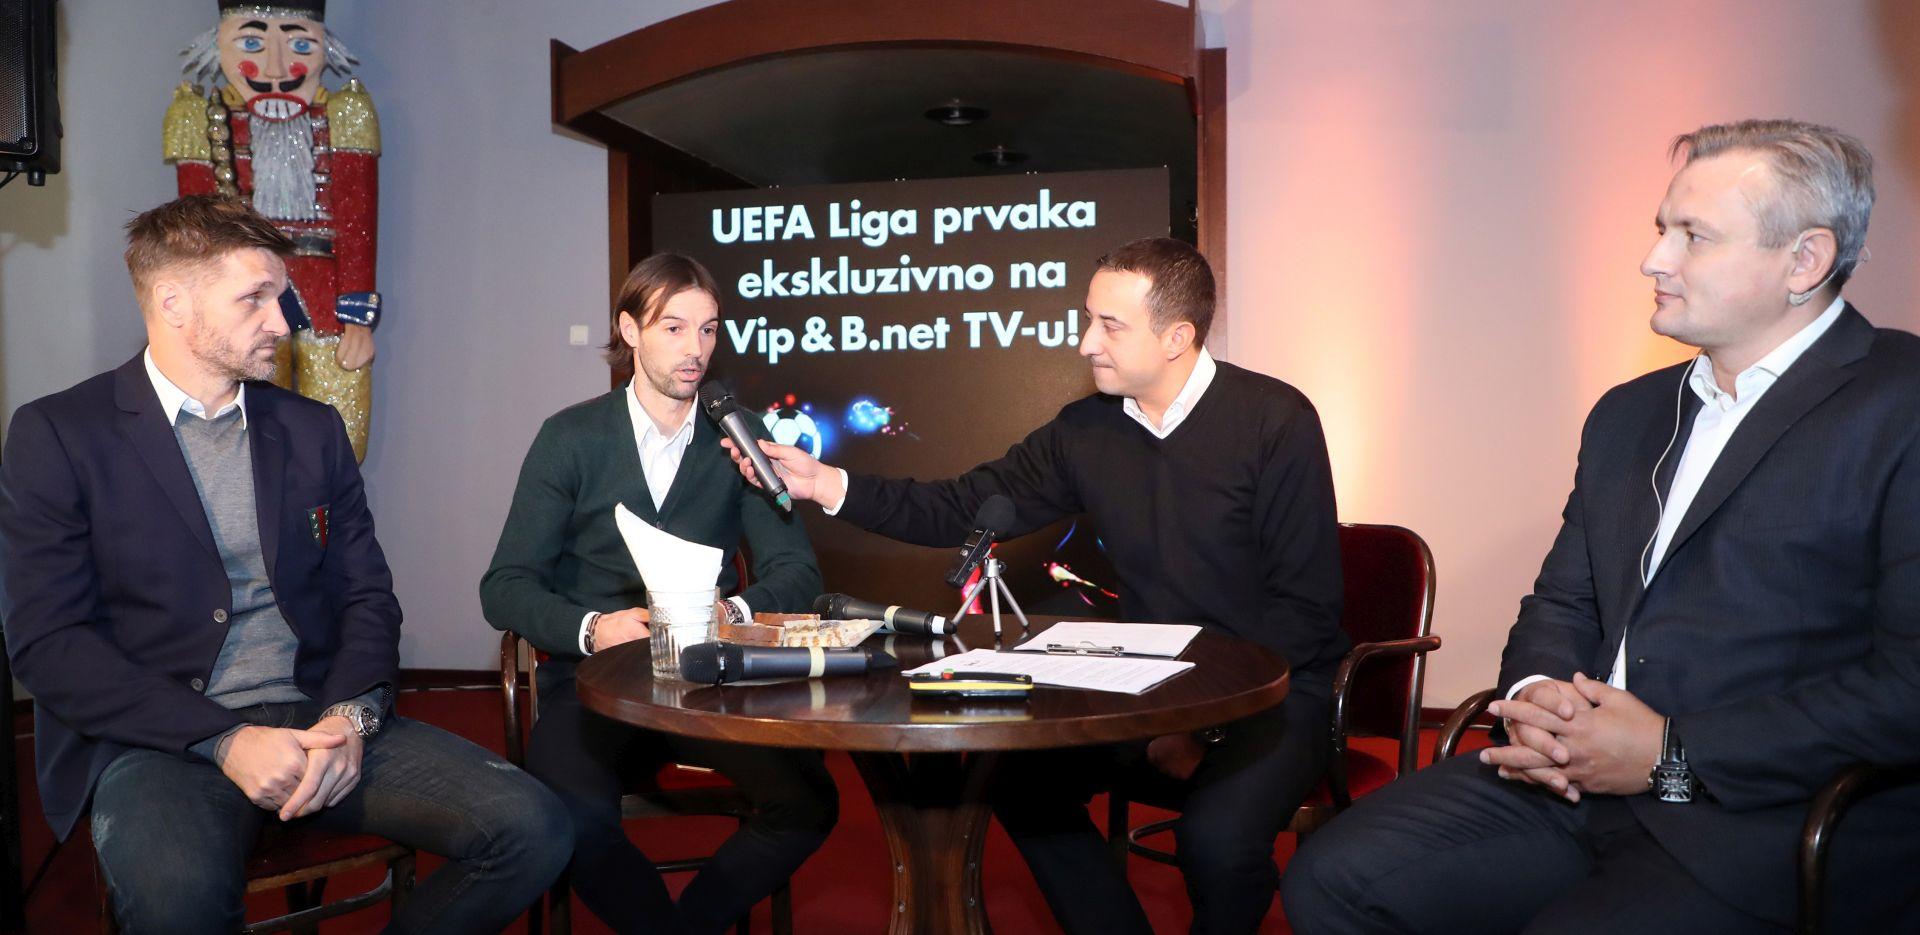 ARENA IZGUBILA PRAVA Liga prvaka od sljedeće sezone na Bnetu